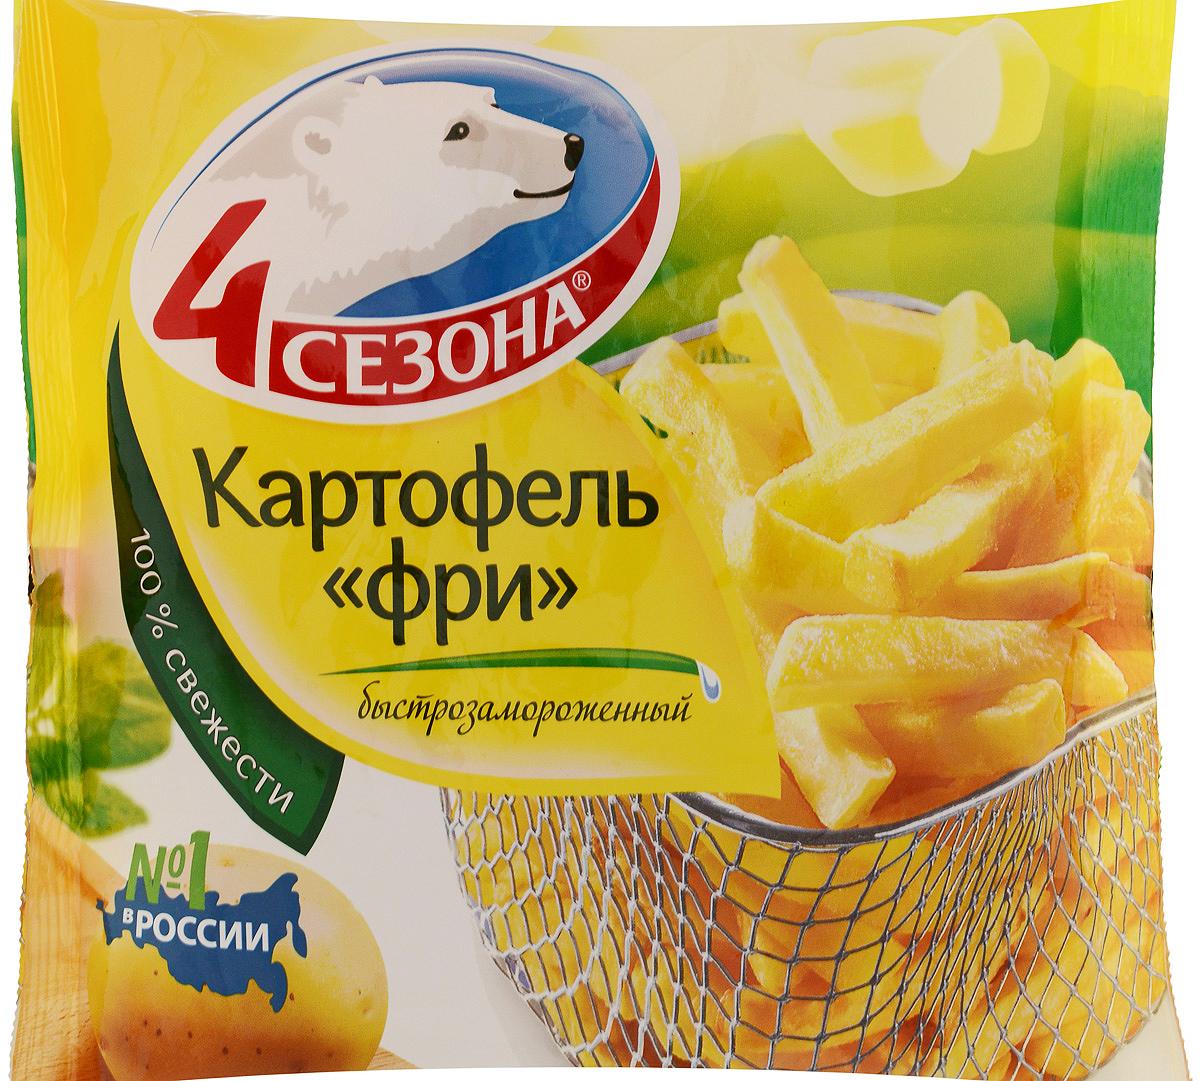 4 Сезона Картофель фри, 450 г что можно в дьюти фри в домодедово